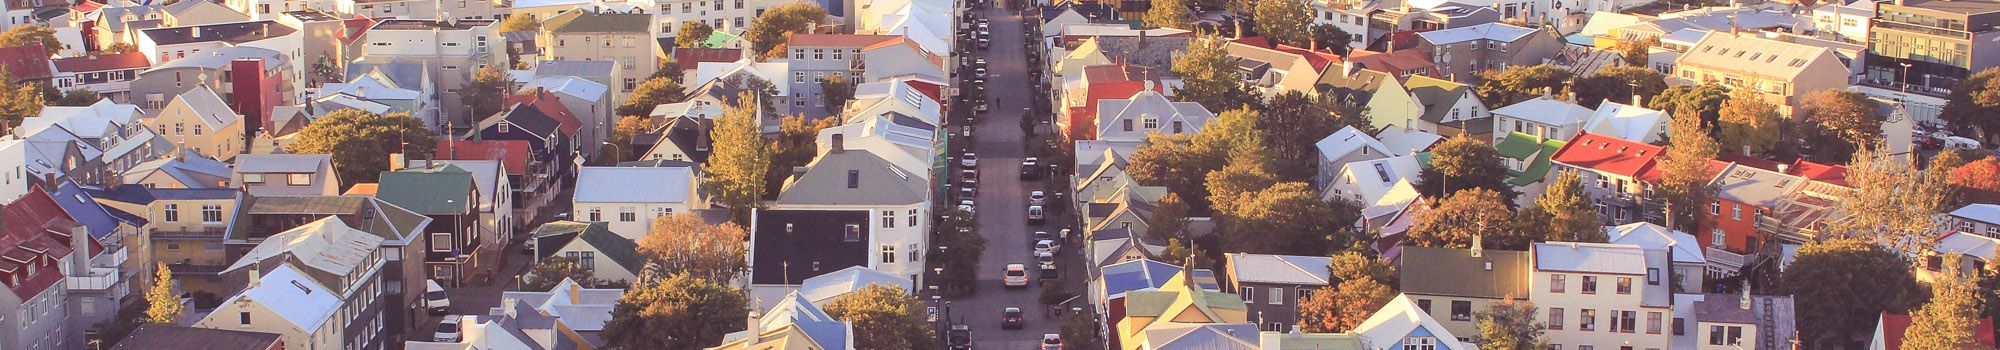 Reykjavik_Iceland